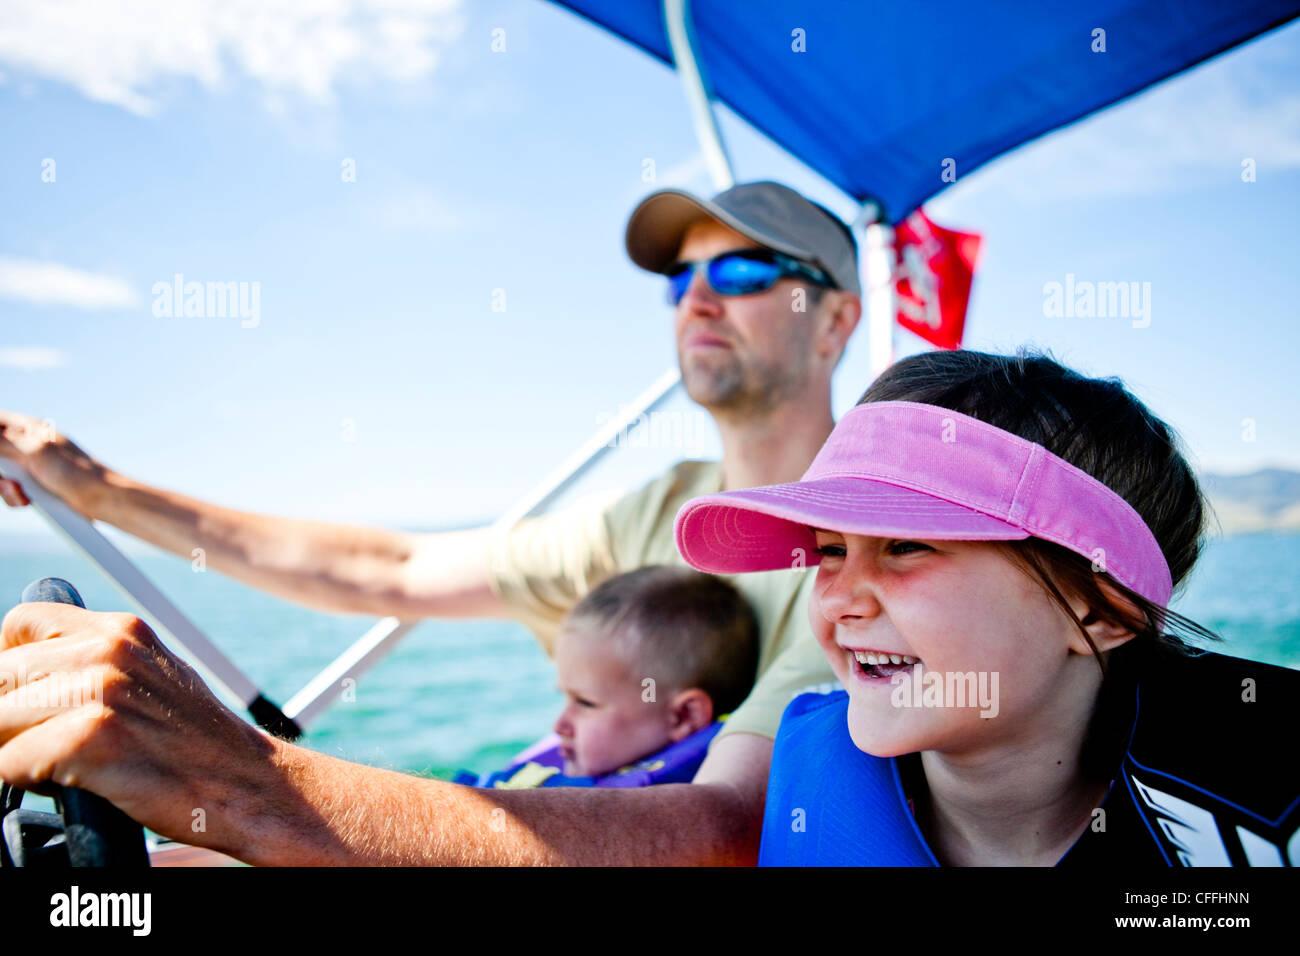 Les pilotes d'un homme un bateau ponton pendant que son fils de trois ans contribue à orienter, et sa fille de cinq ans s'assoit à côté d'eux, l'ours Lak Banque D'Images